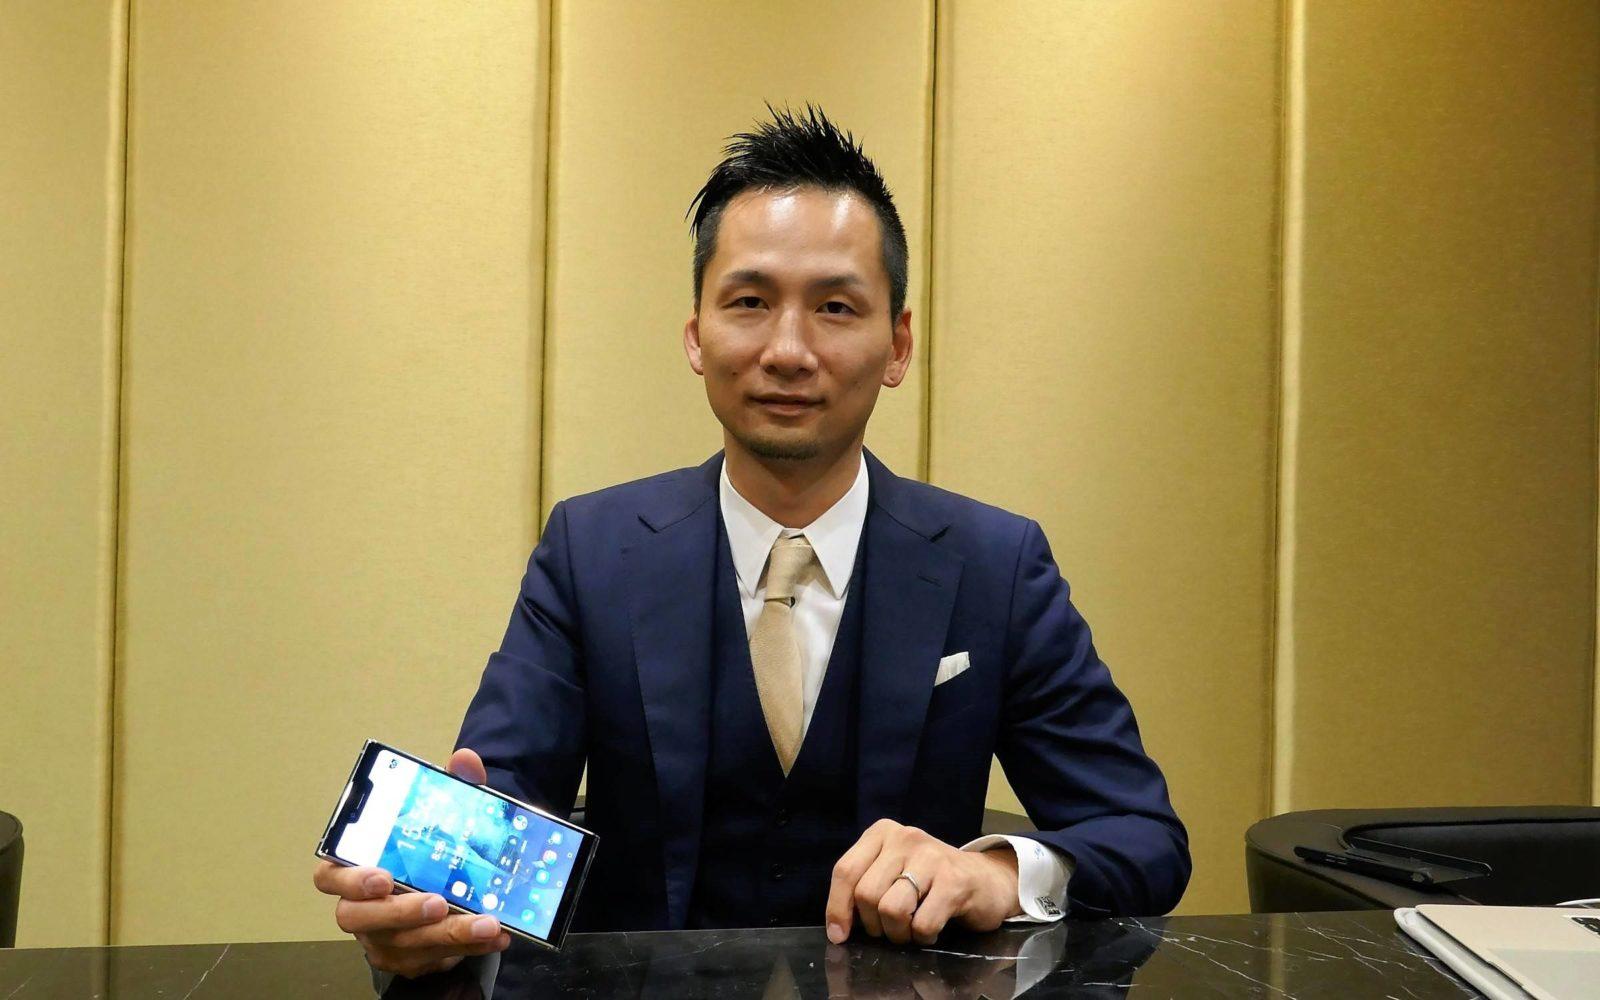 三浦広樹氏 SIRIN LABS JAPAN株式会社 CEO